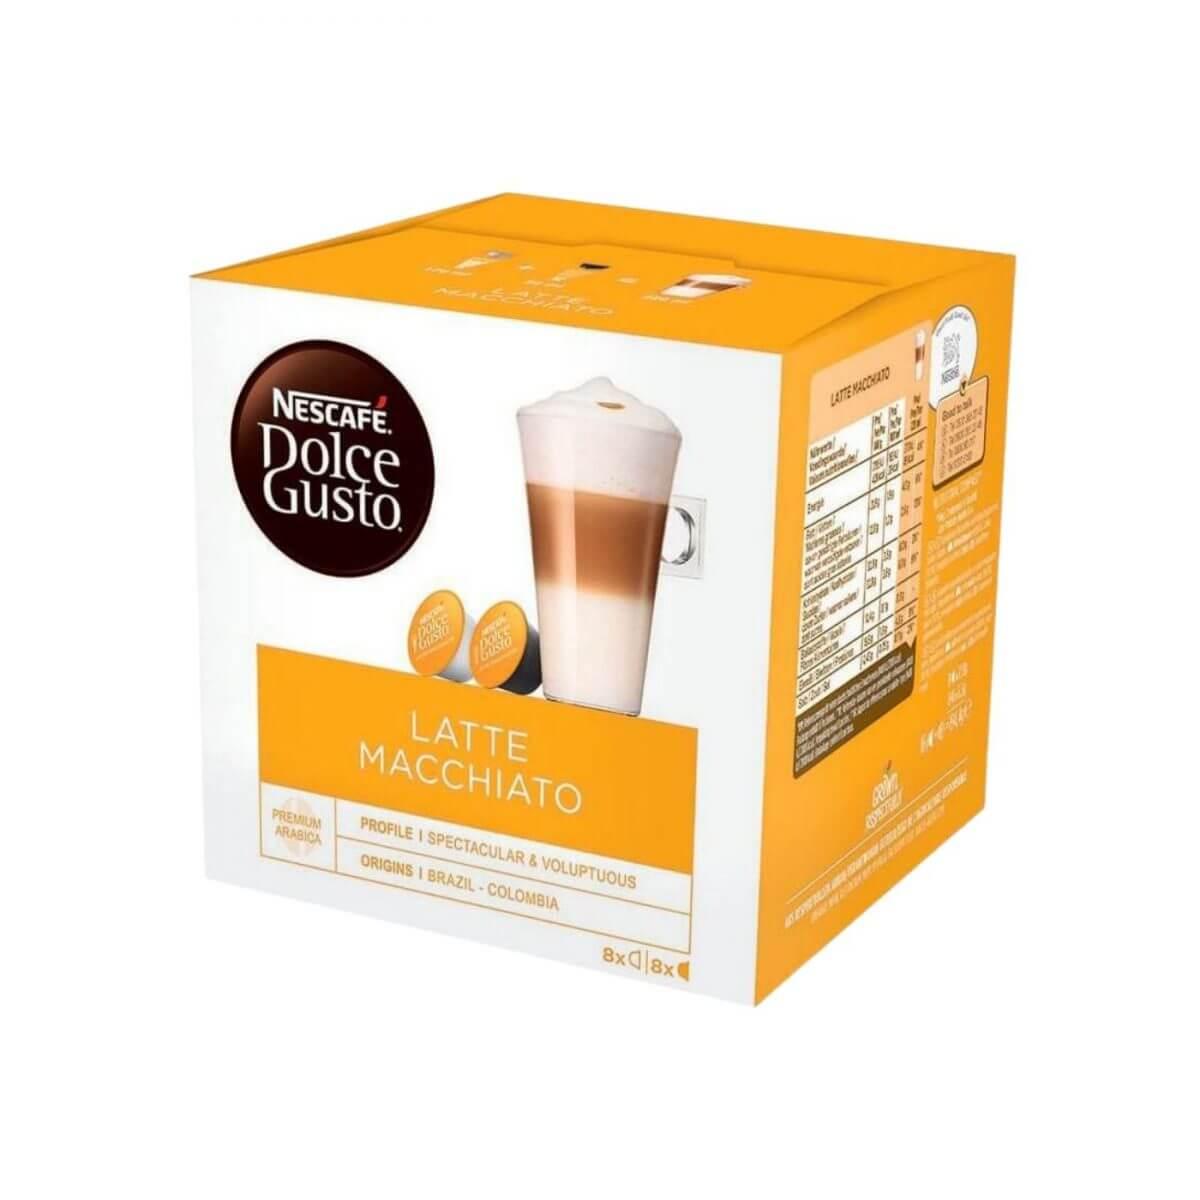 Nescafé-Dolce-Gusto-Latte-Macchiato-capsules